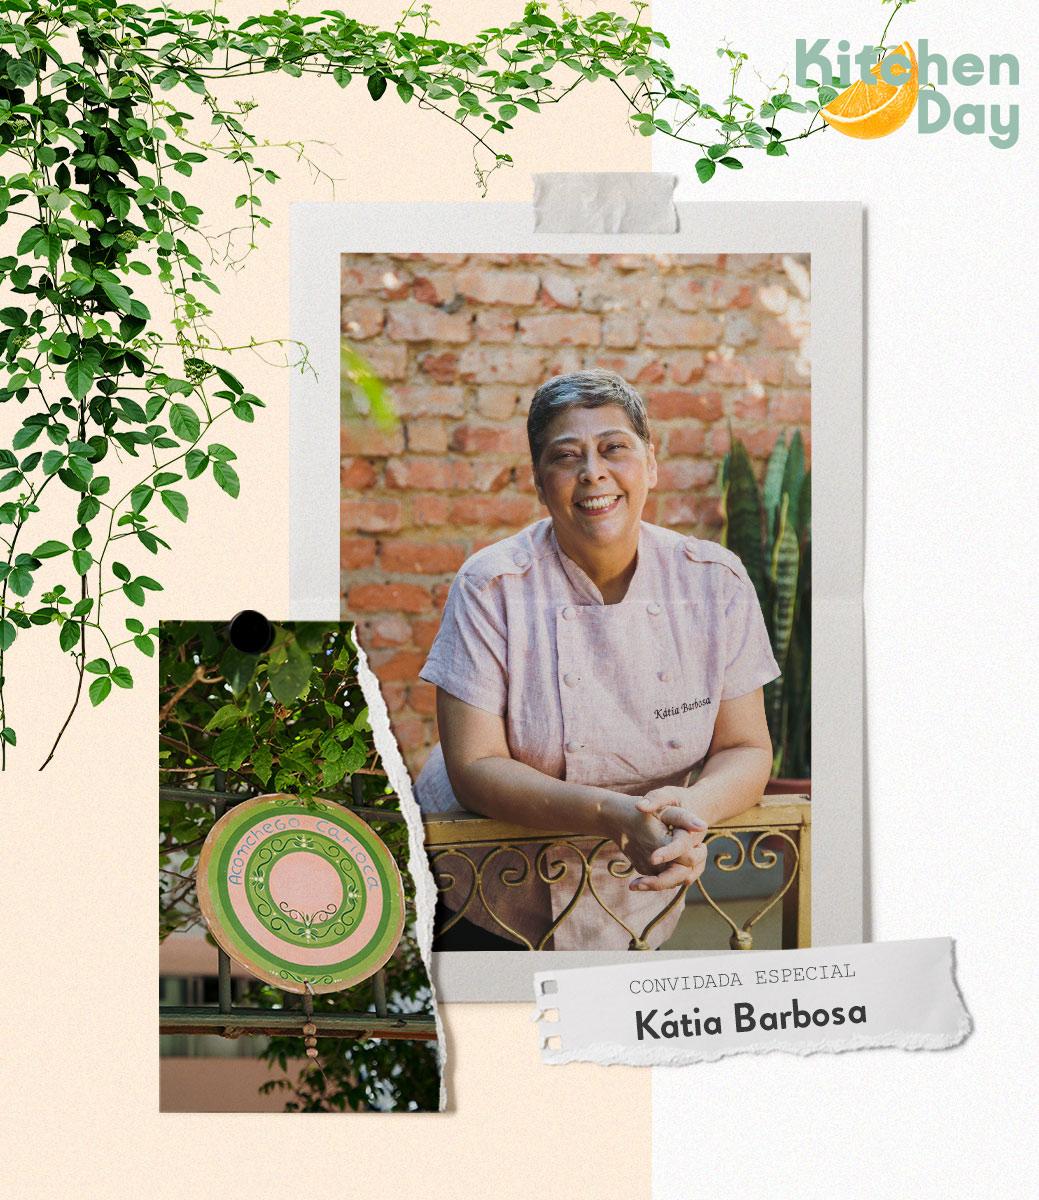 Chef Kátia Barbosa veste seu avental de cozinha e sorri/ westwing. com.br